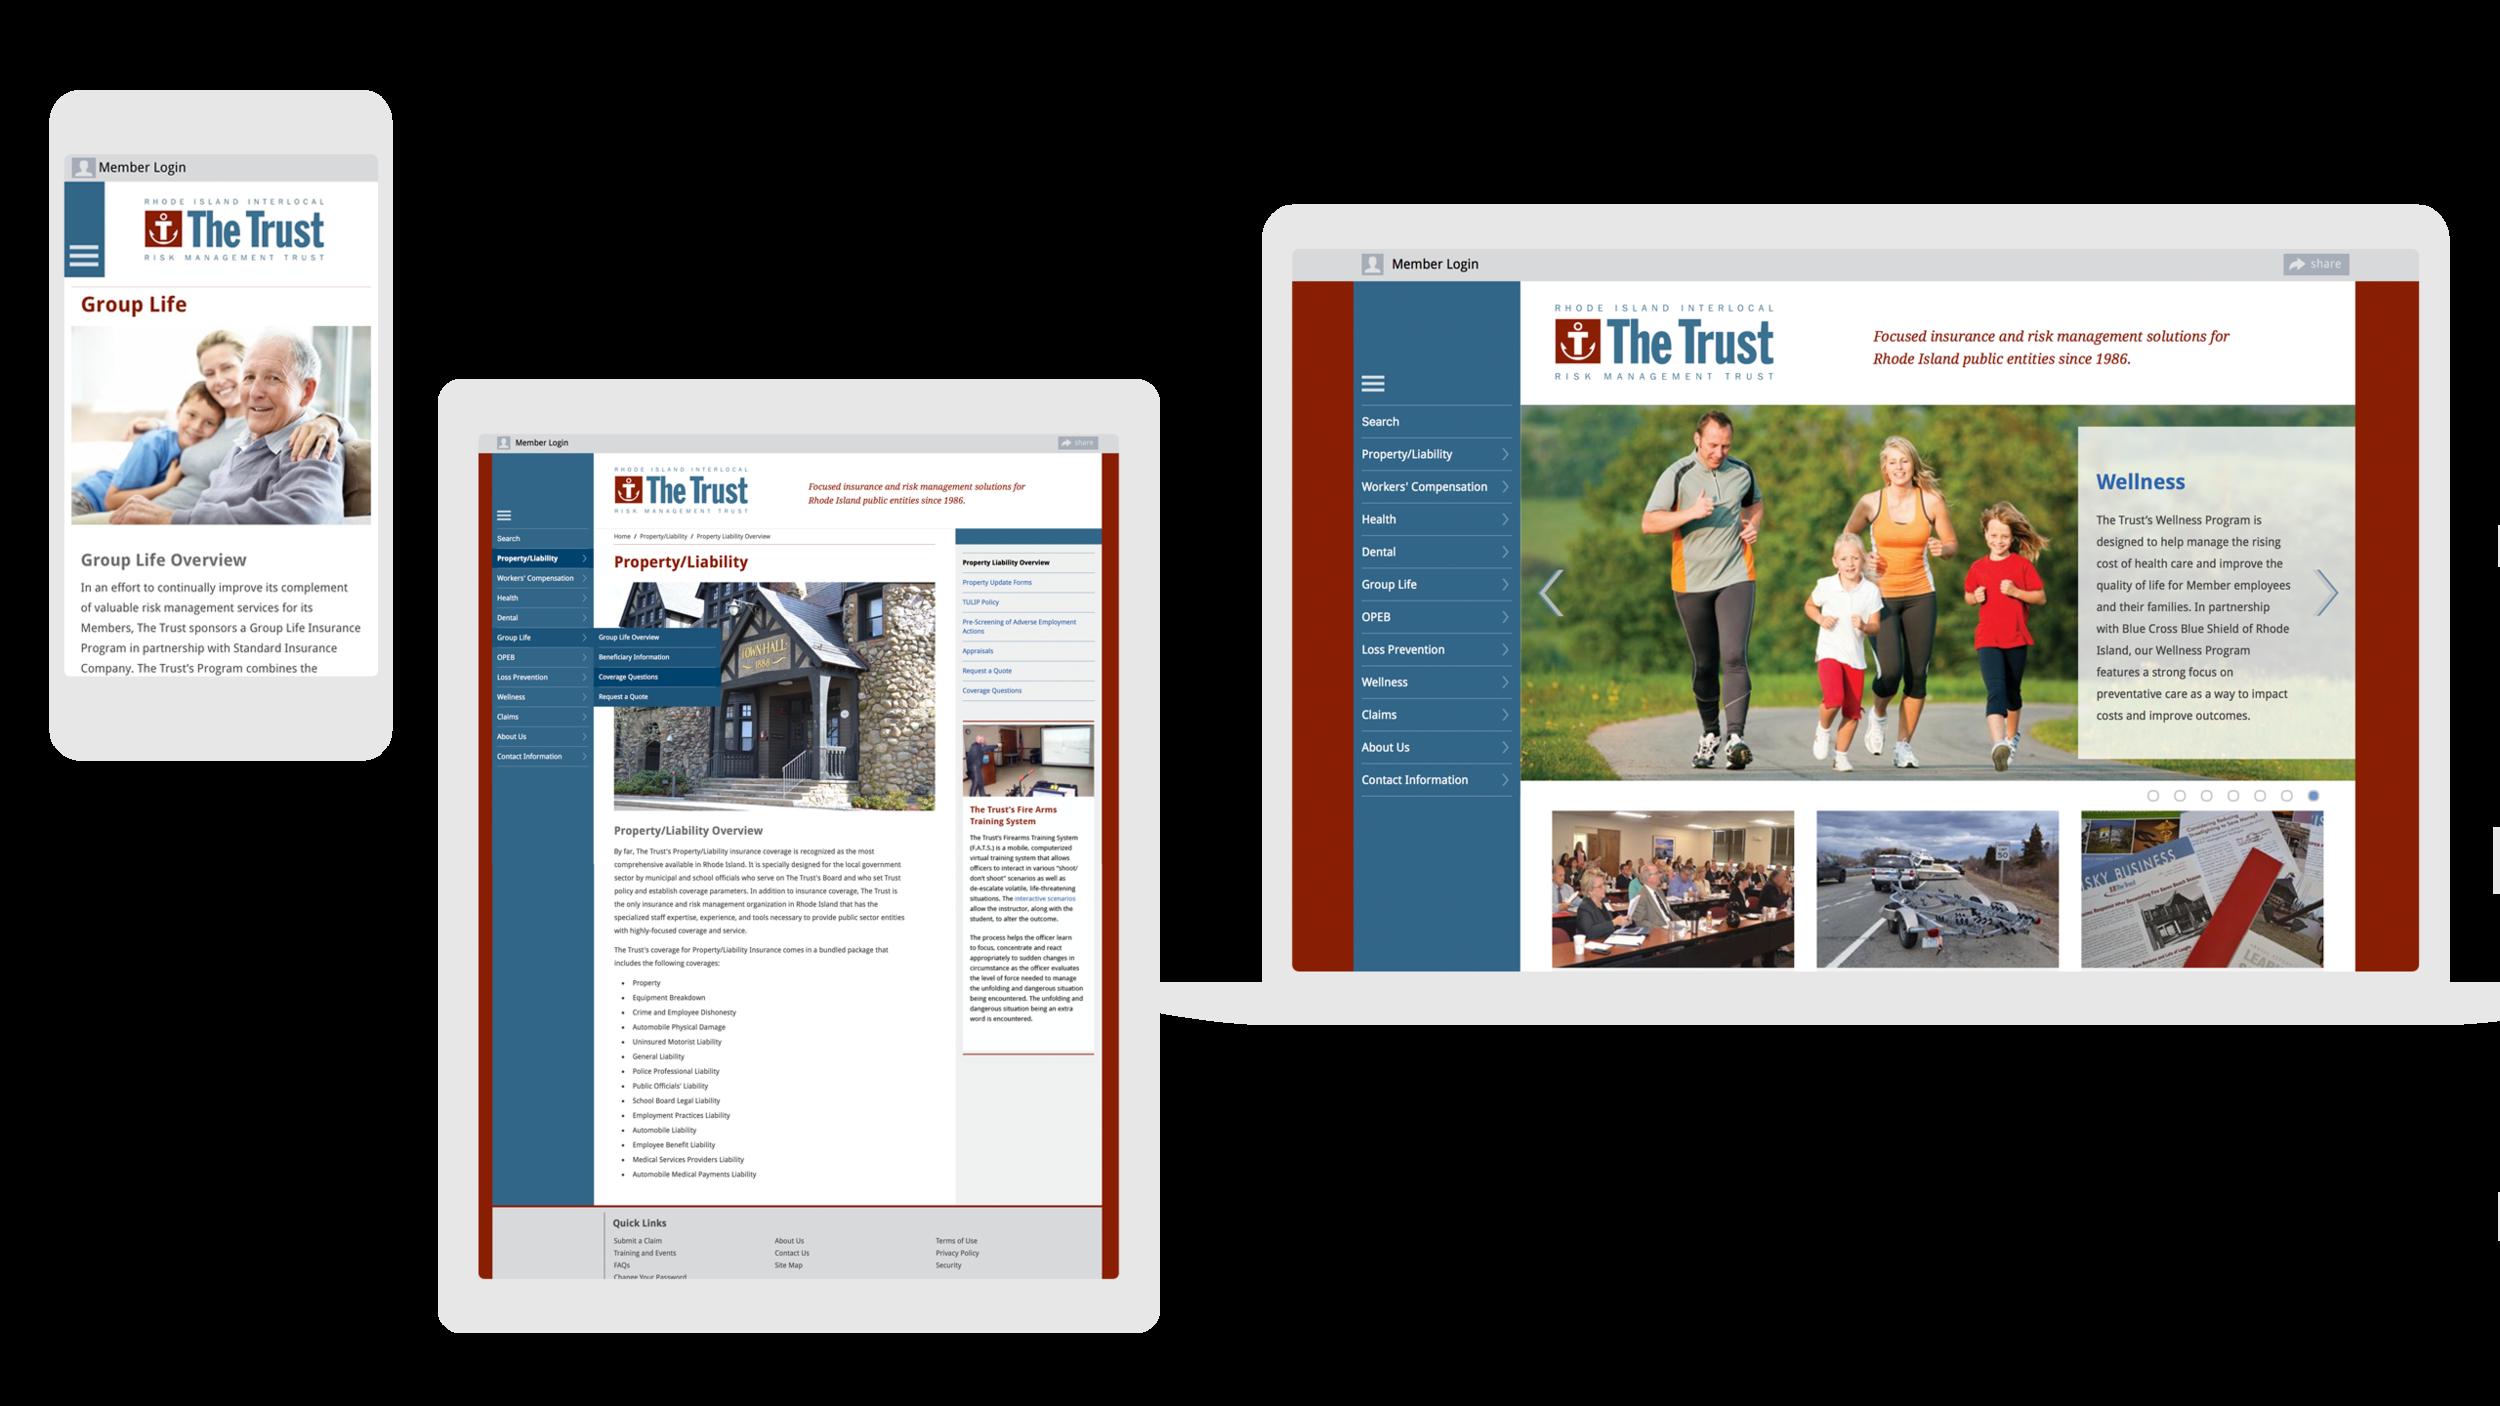 RI Interlocal Risk Management (The Trust)